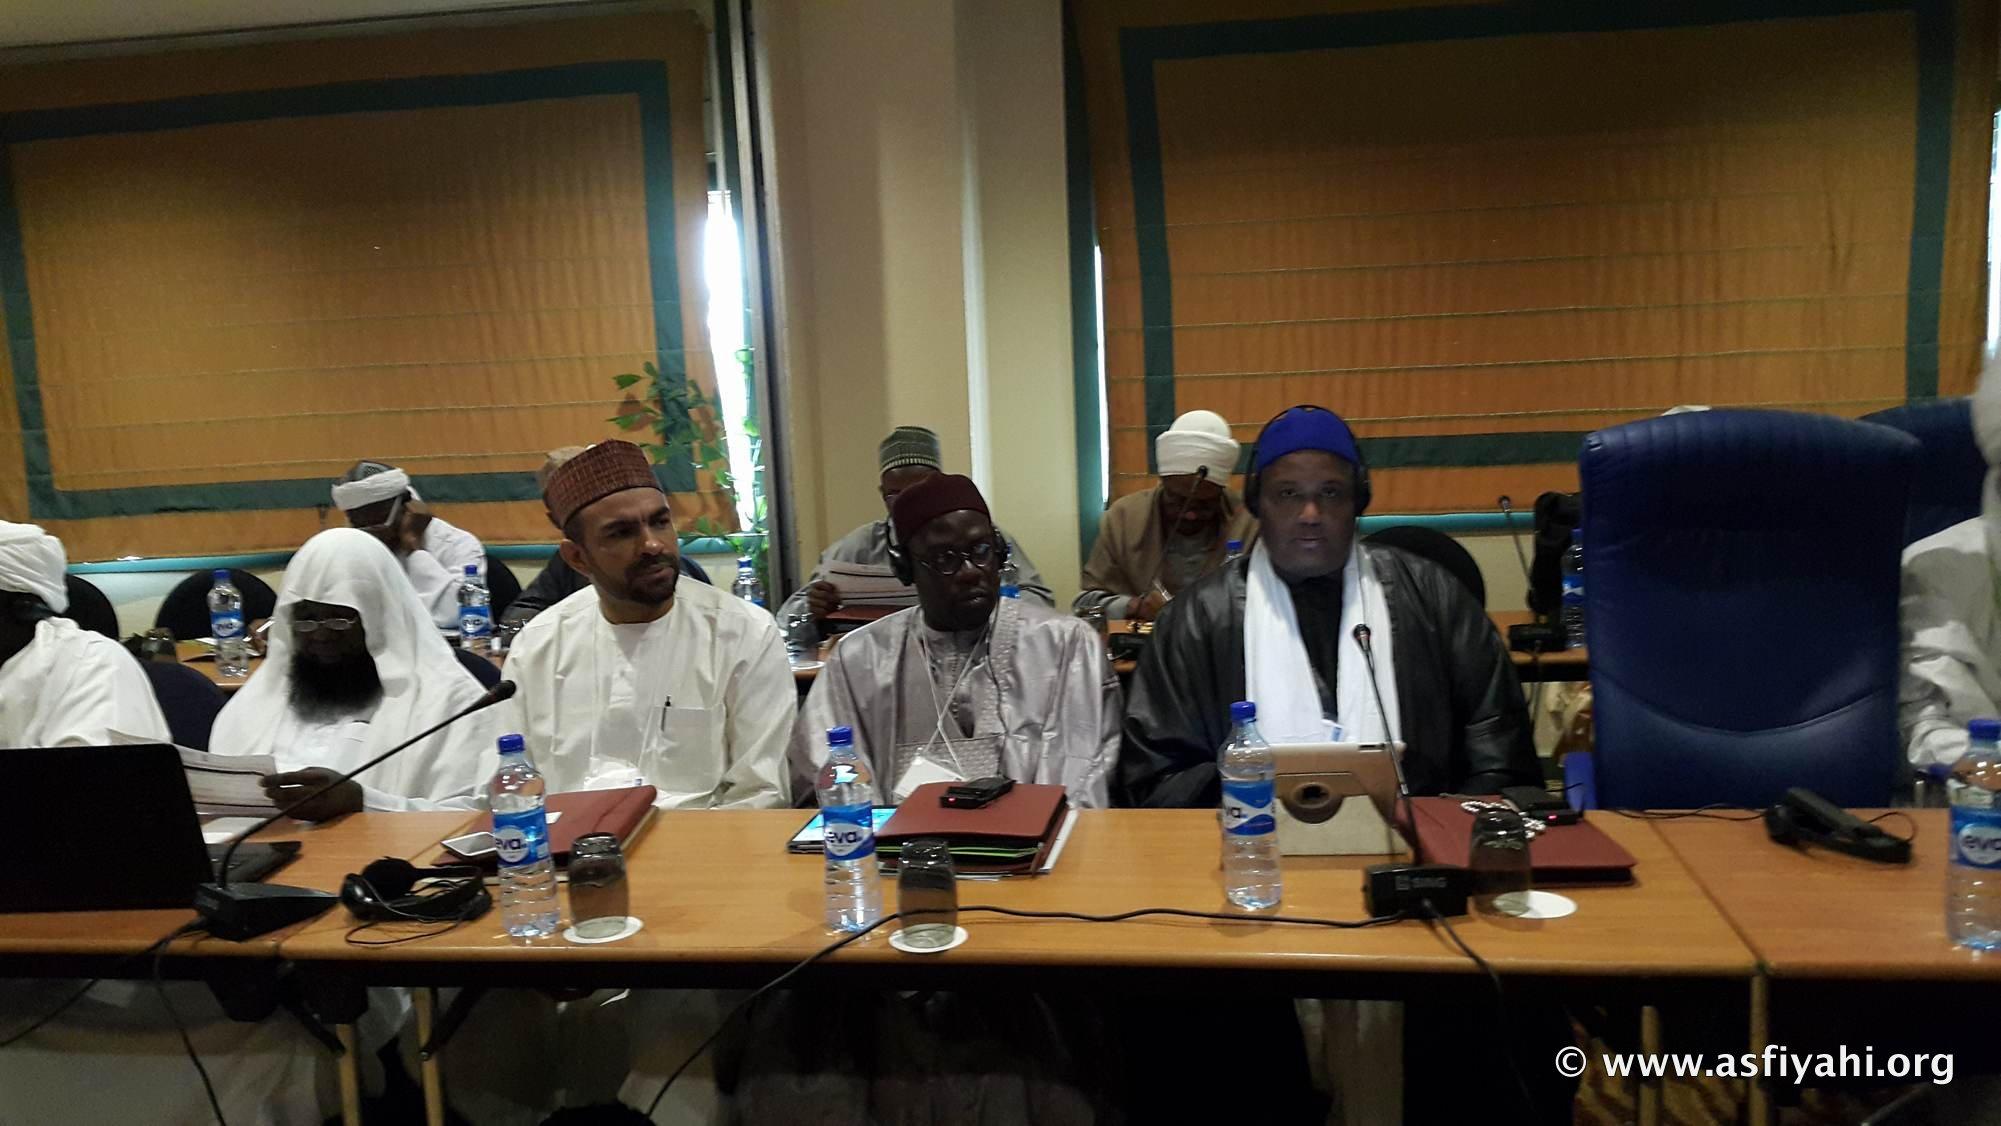 NIGÉRIA - Les chefs traditionnels et Religieux à l'assaut de l'extrémisme violent en Afrique; Tivaouane, Touba et Médina Baye représentés